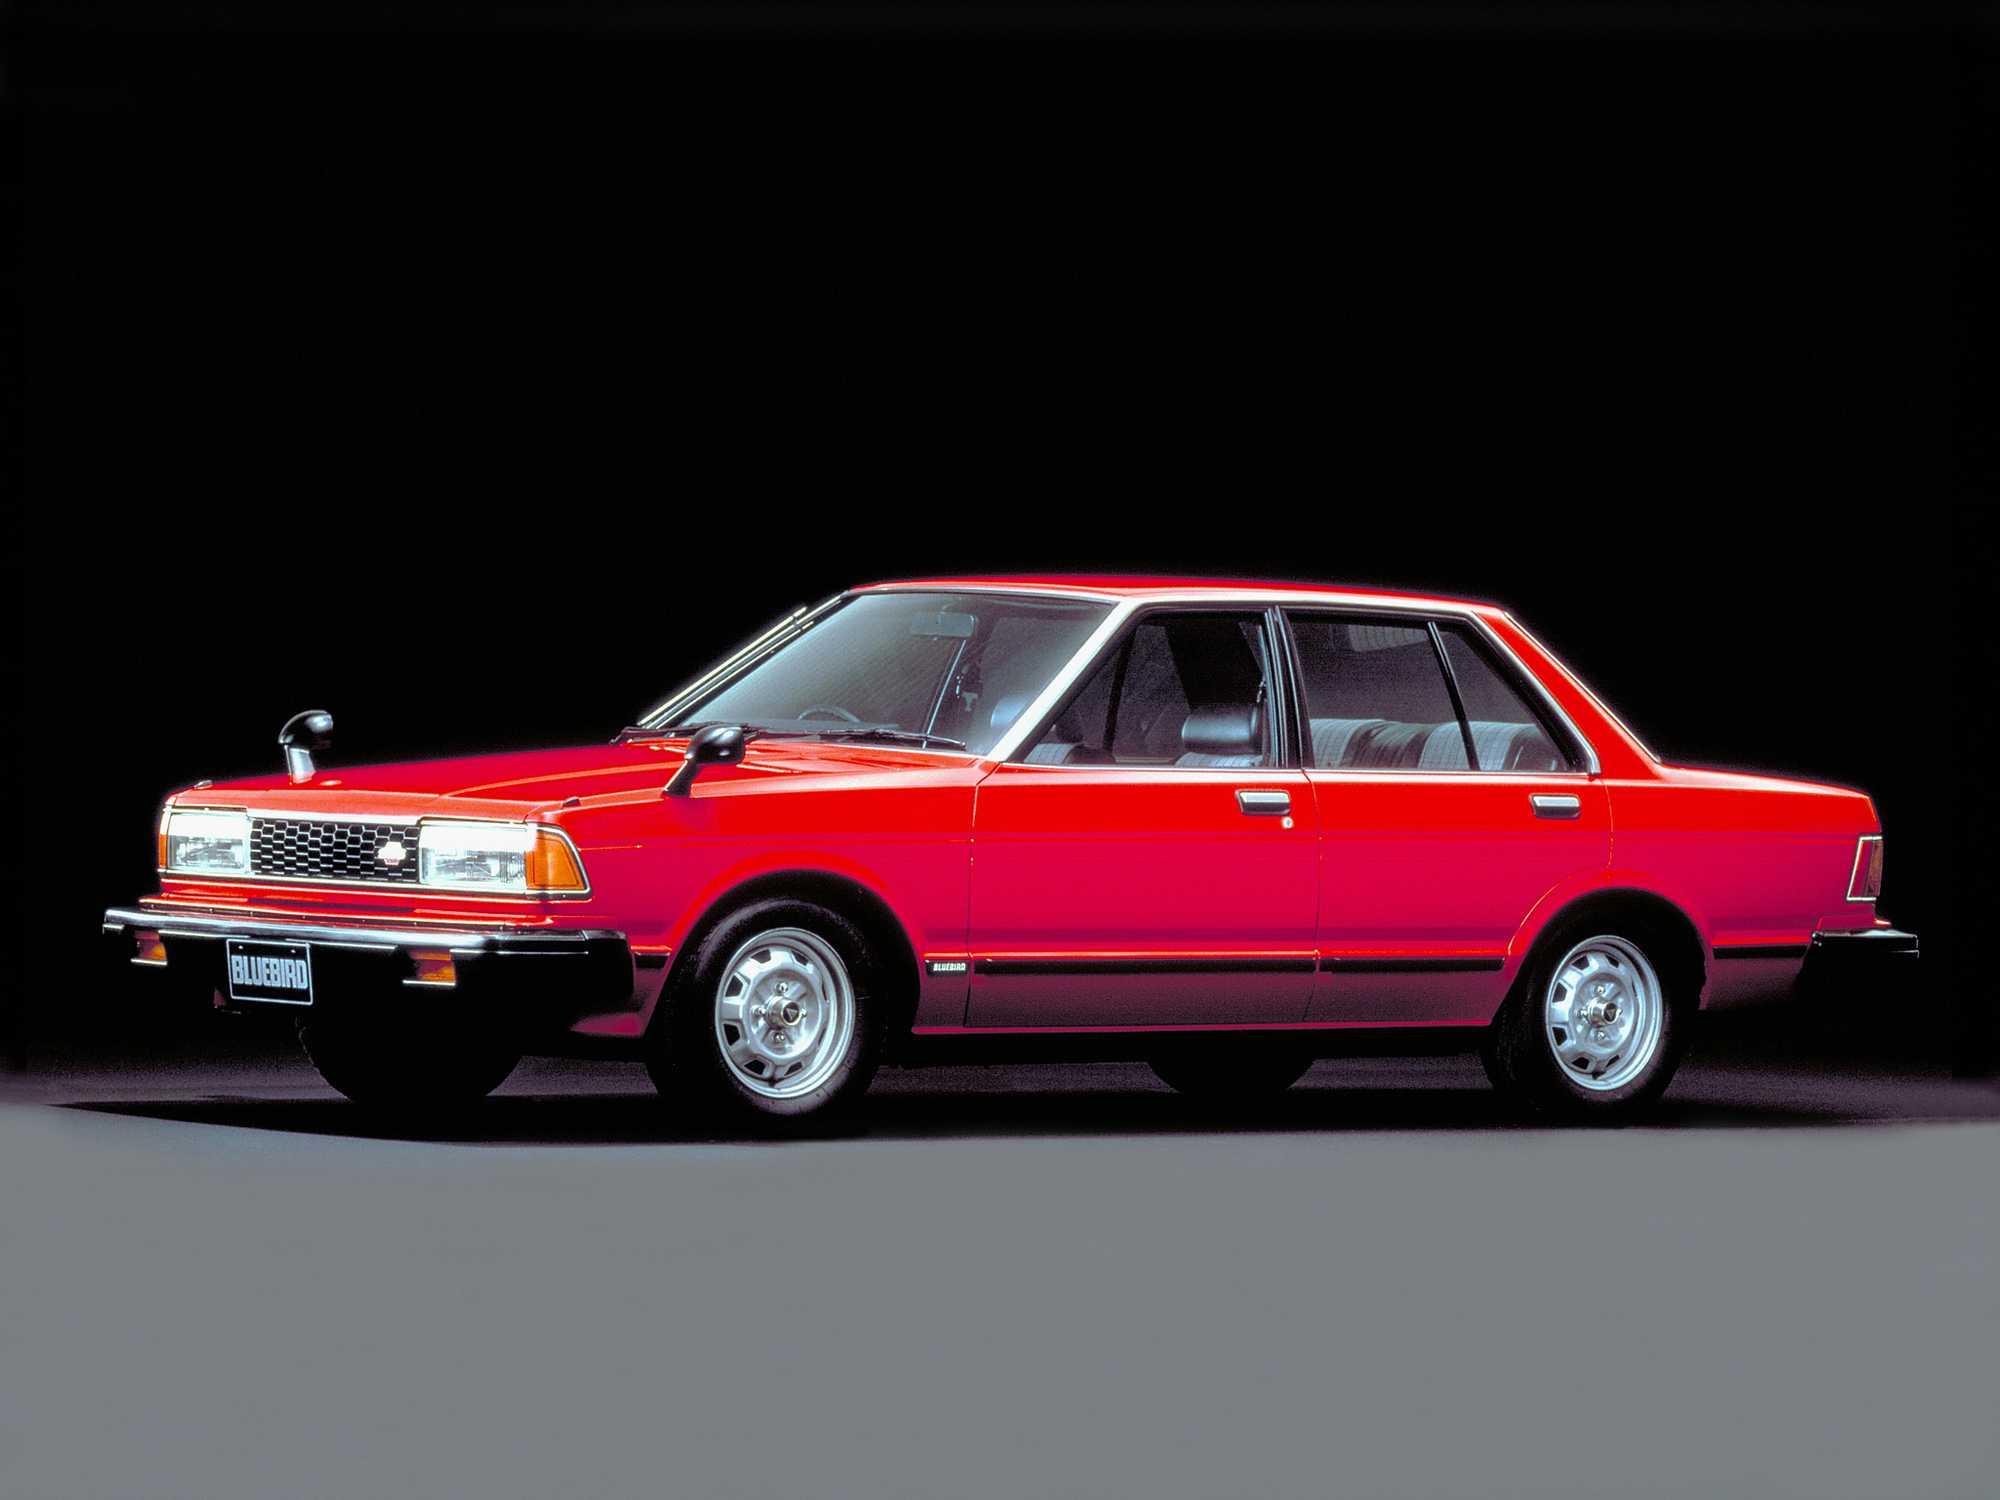 Nissan bluebird sylphy (ниссан блюбёрд сильфи) - продажа, цены, отзывы, фото: 599 объявлений